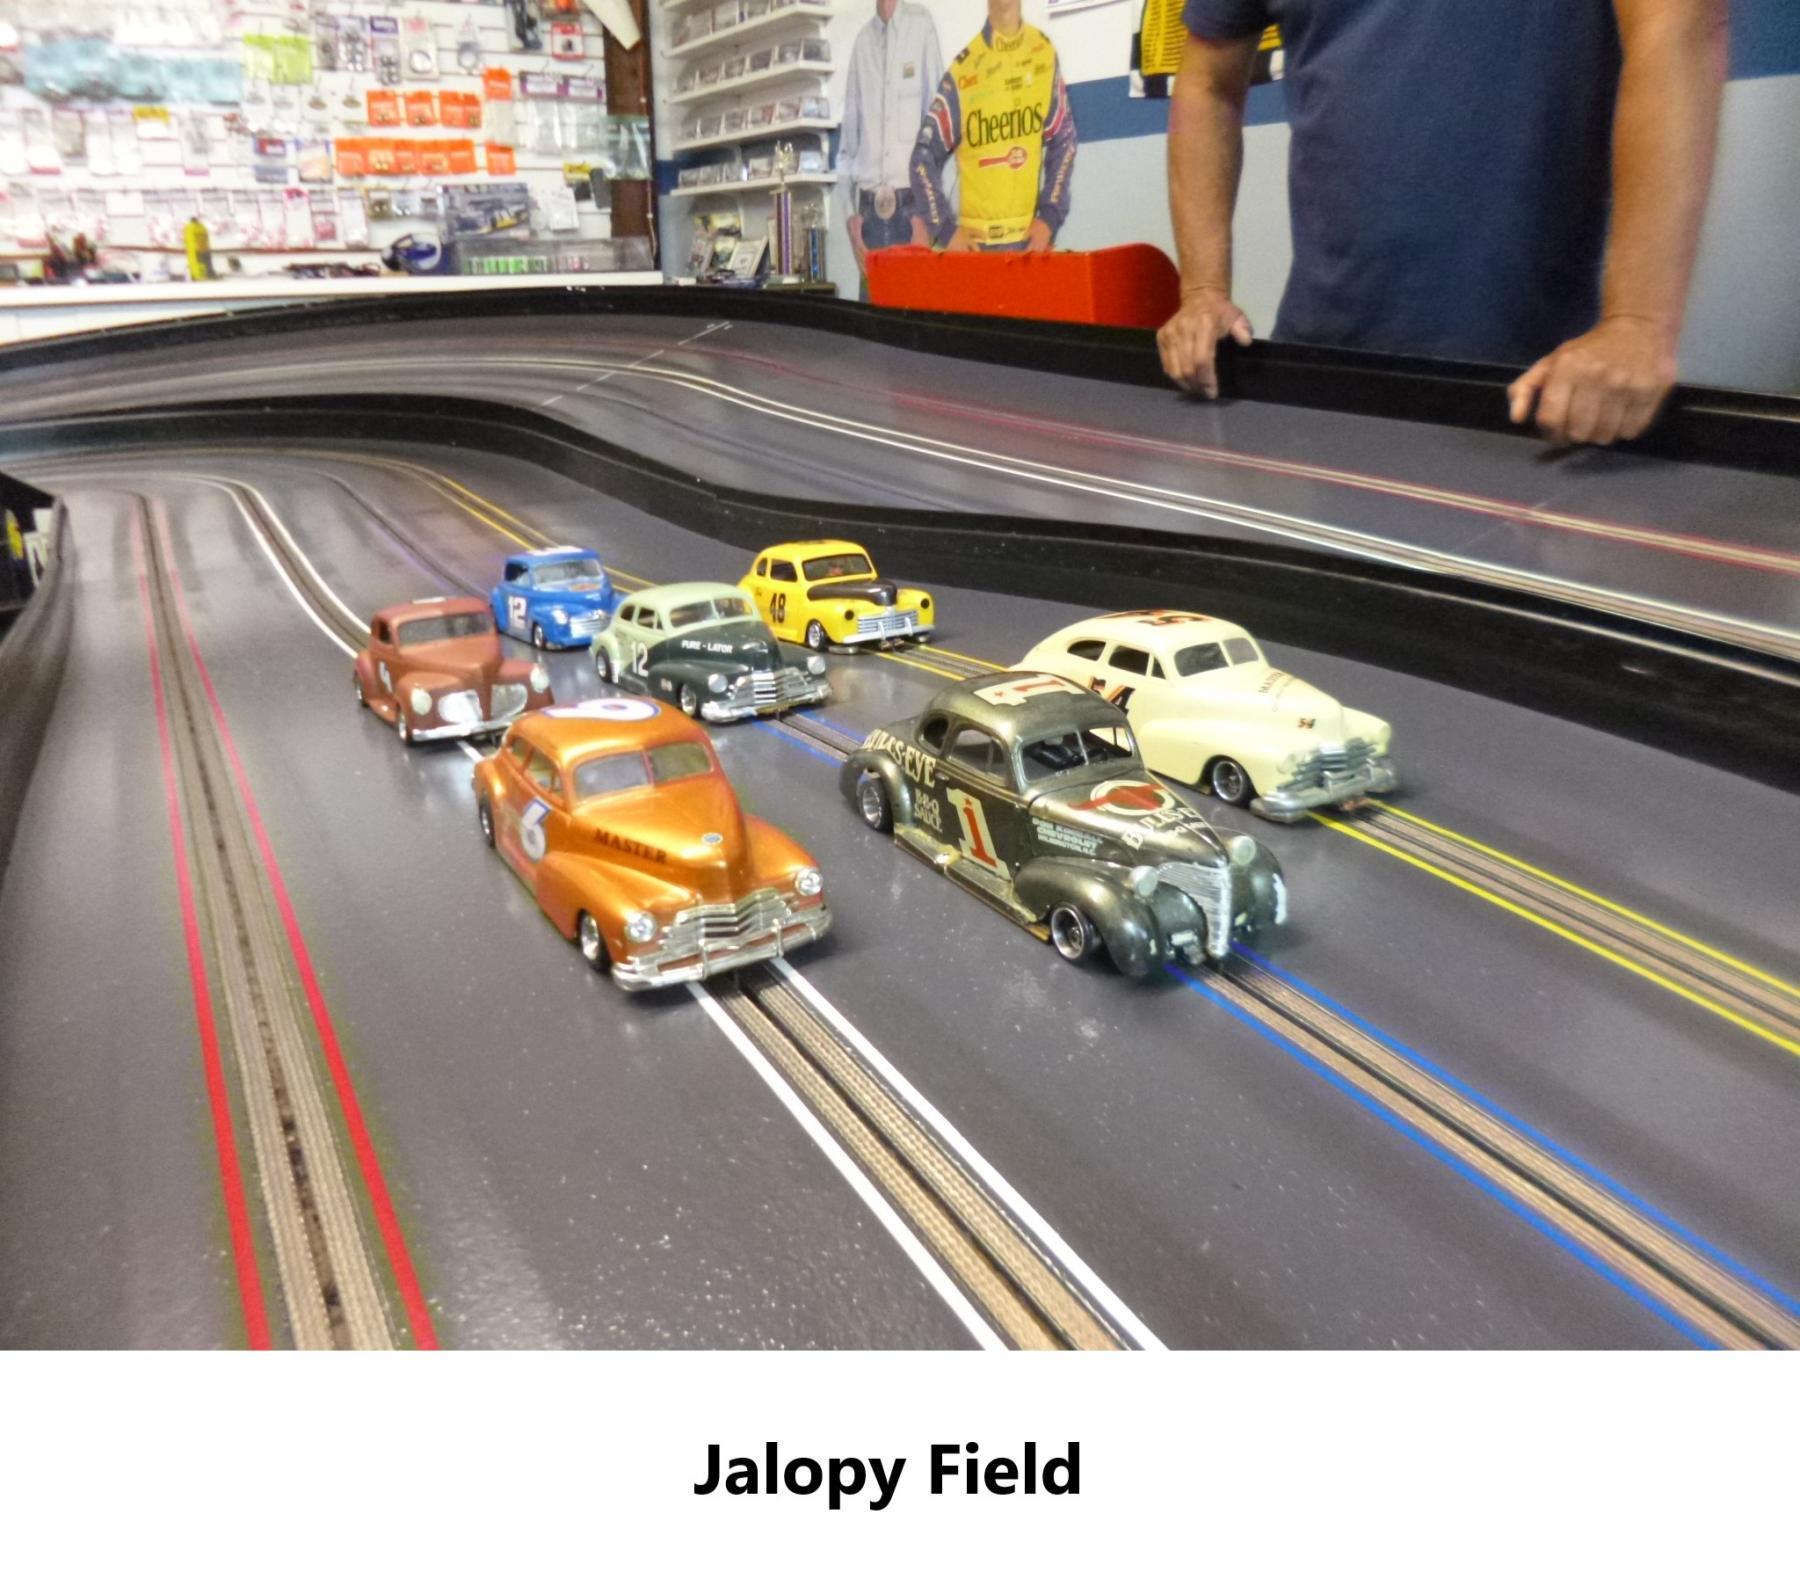 J_Field.jpg